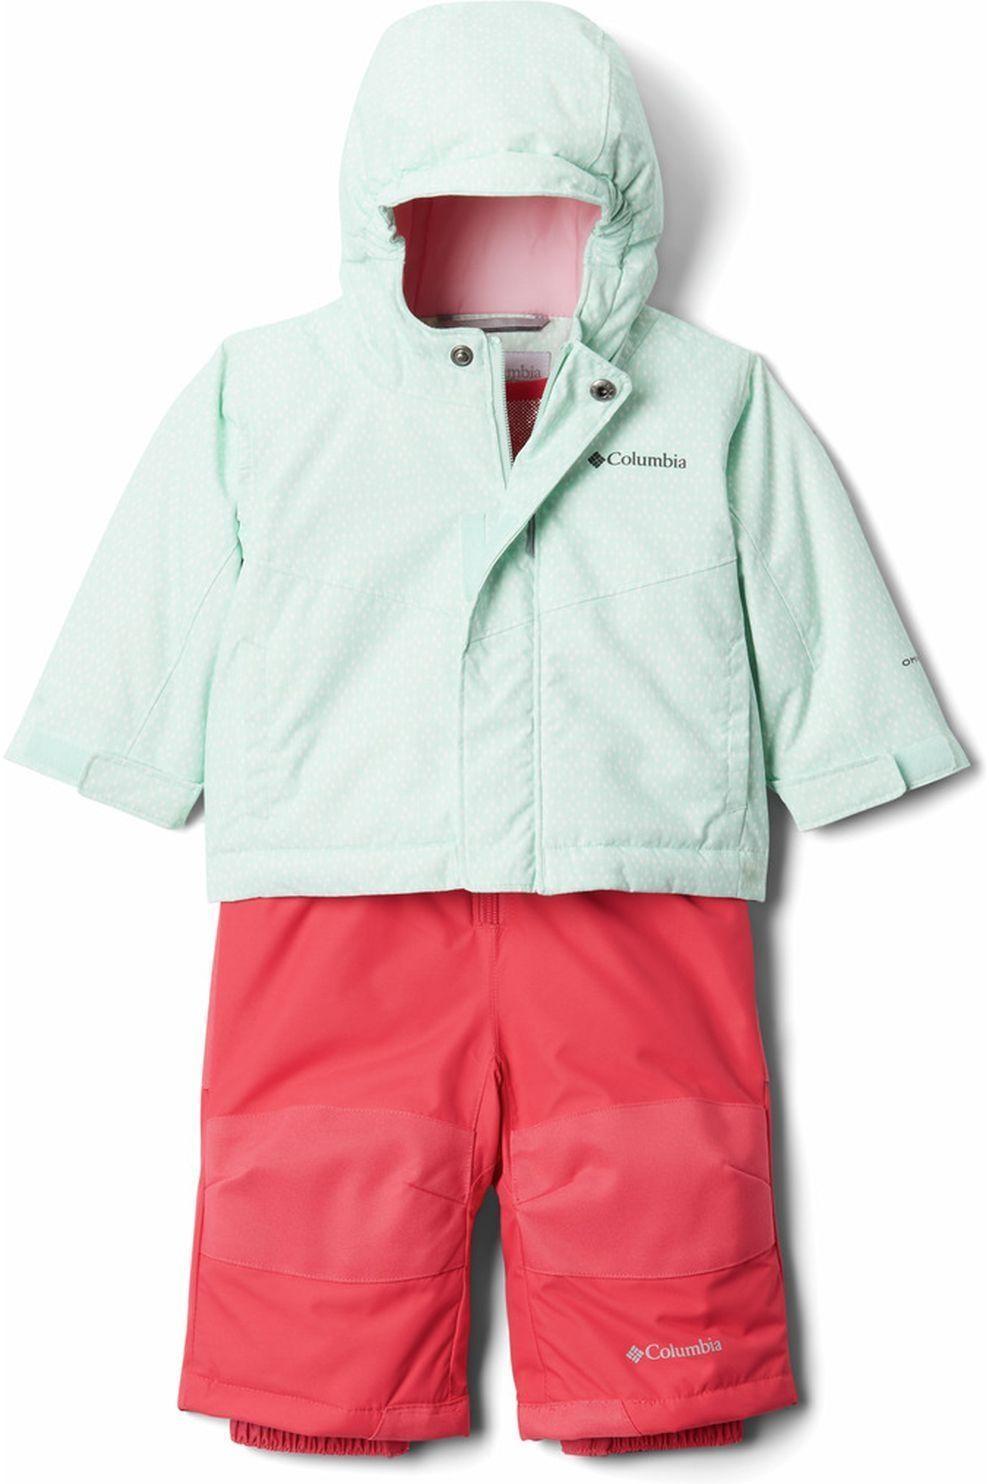 Columbia Skiset Buga voor kids - Blauw/Rood - Maat: 12